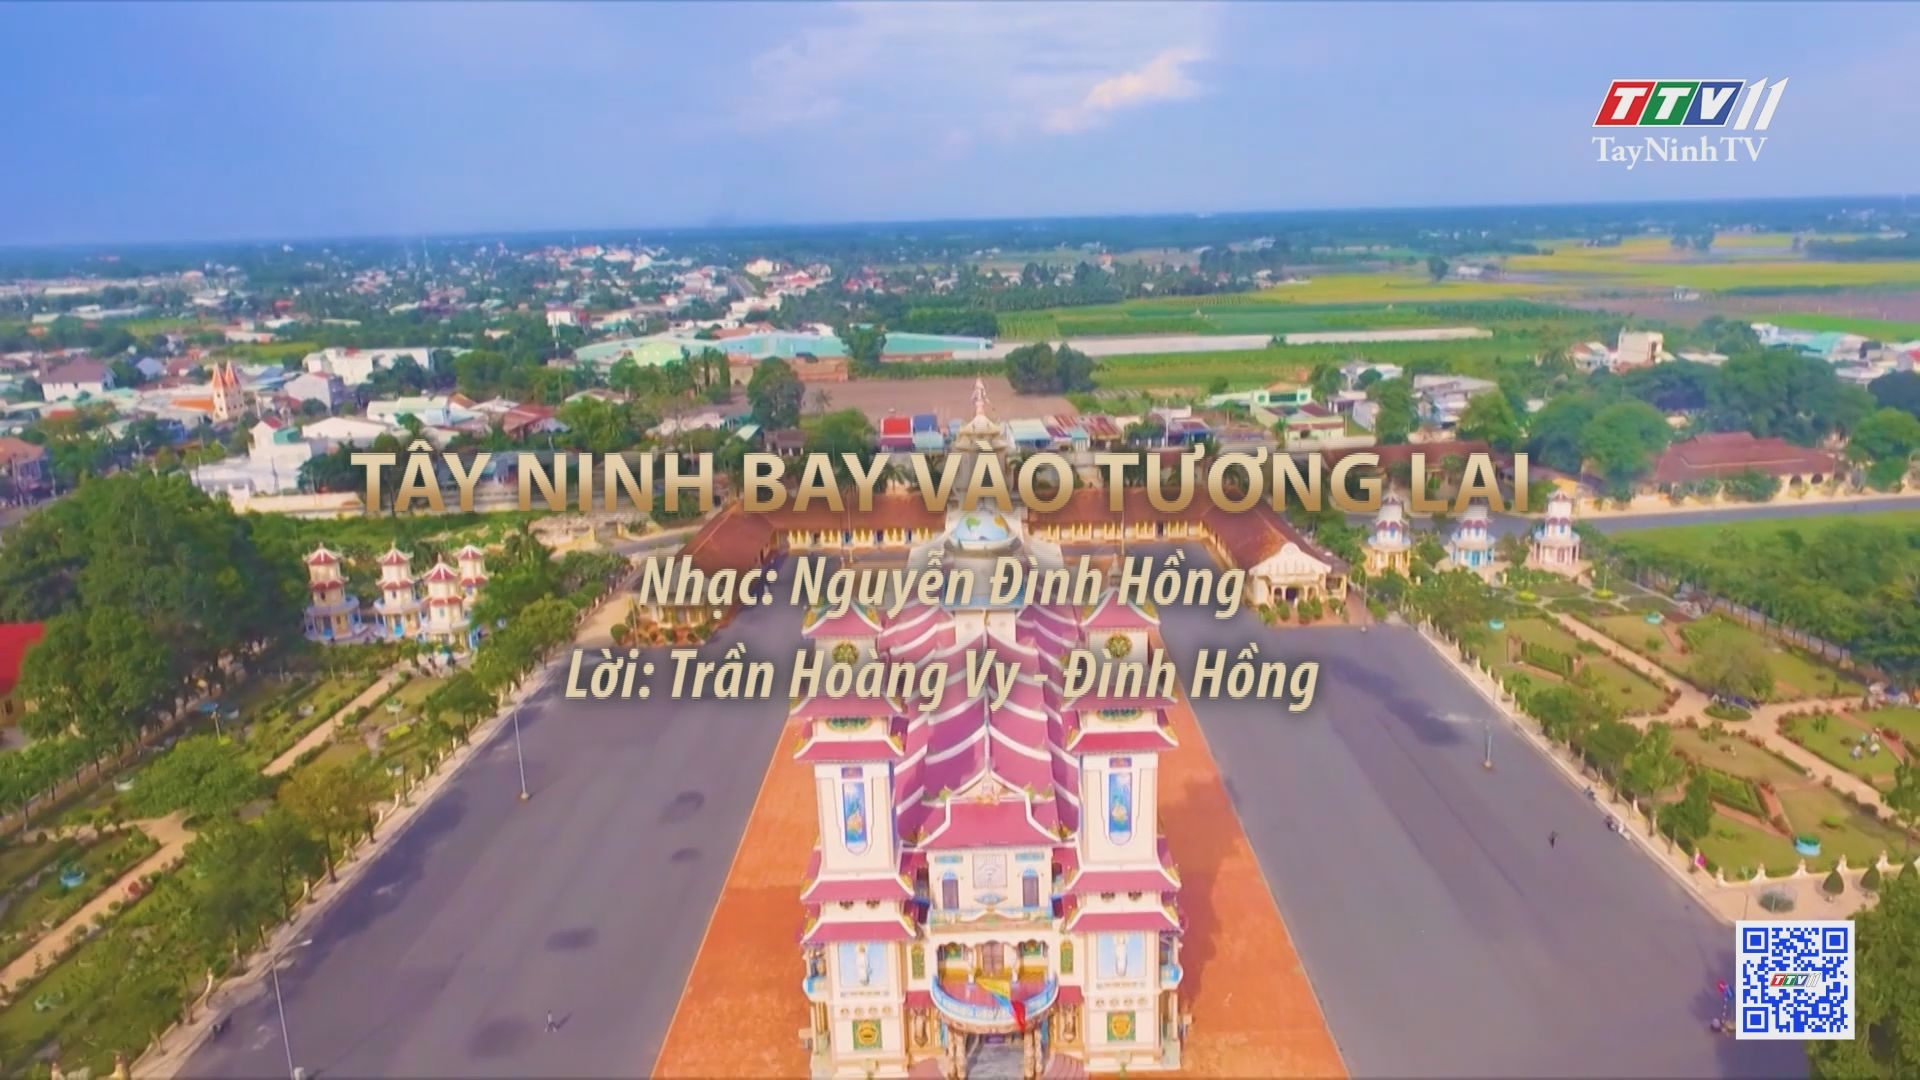 Tây Ninh bay vào tương lai | Tuyển tập karaoke Tây Ninh tình yêu trong tôi | TayNinhTV